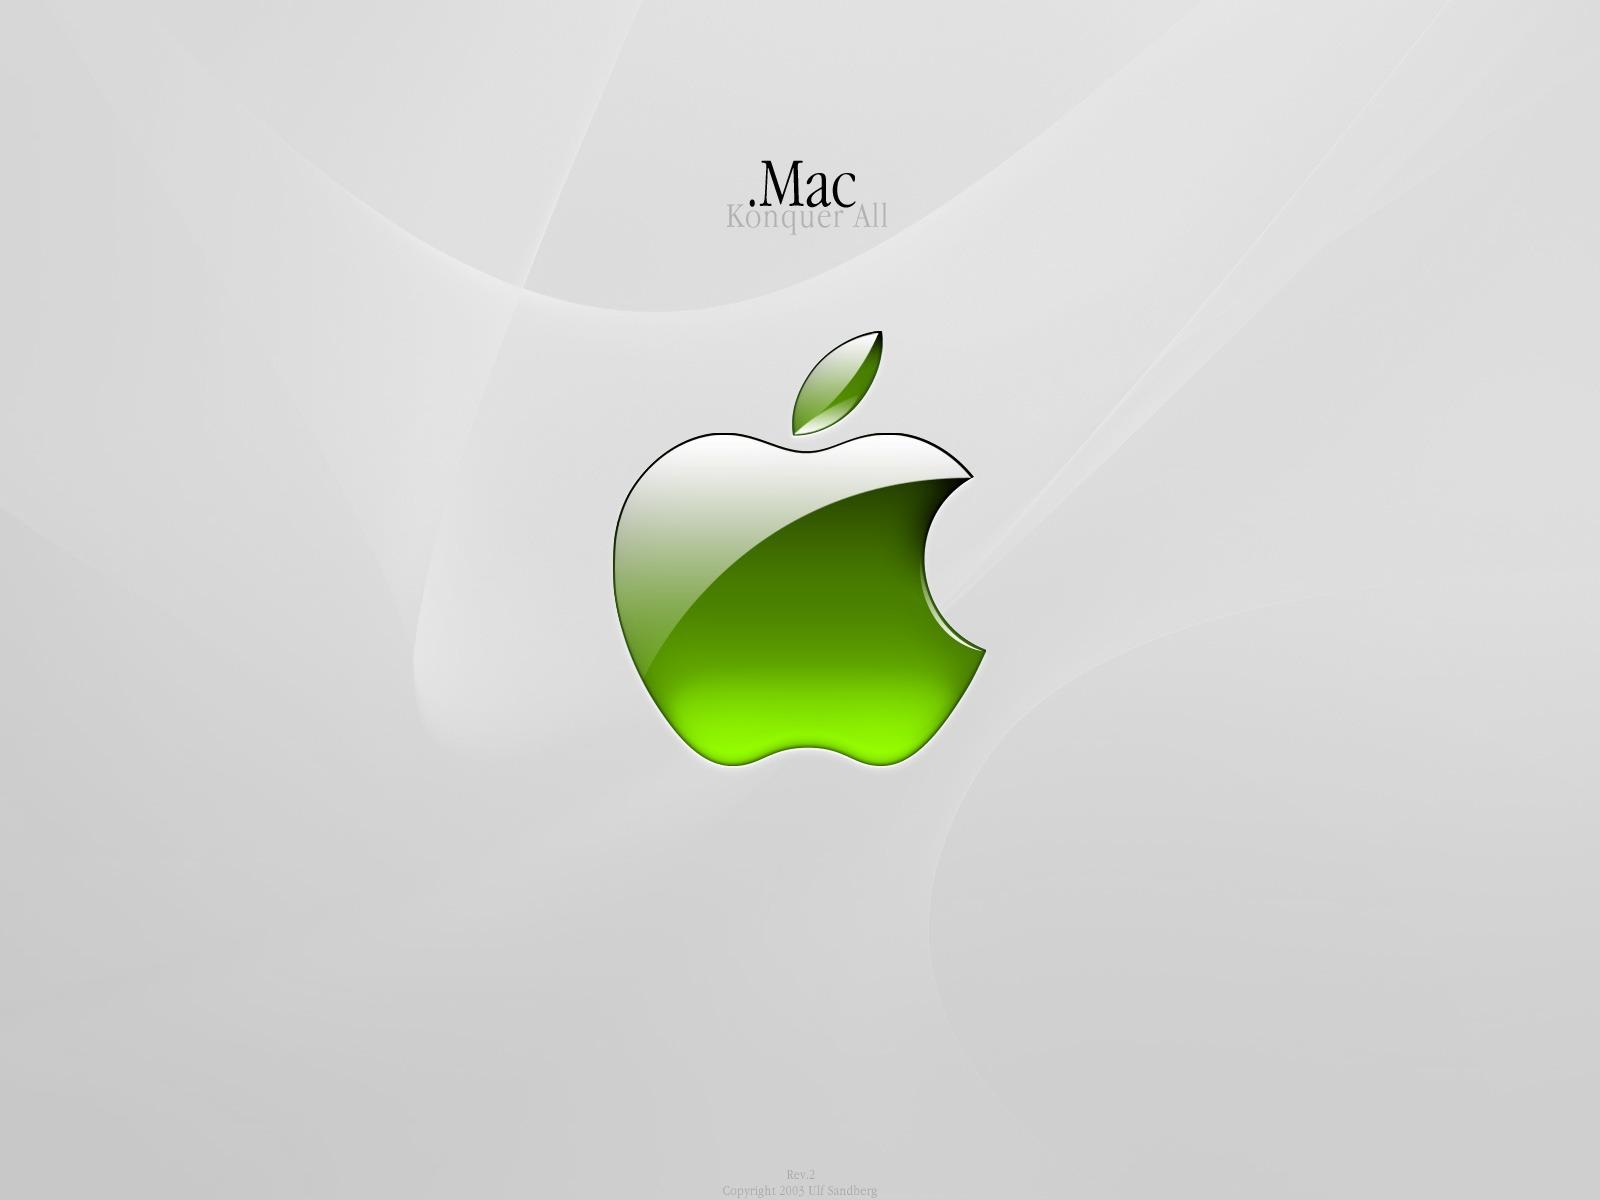 Как сделать логотип эпл